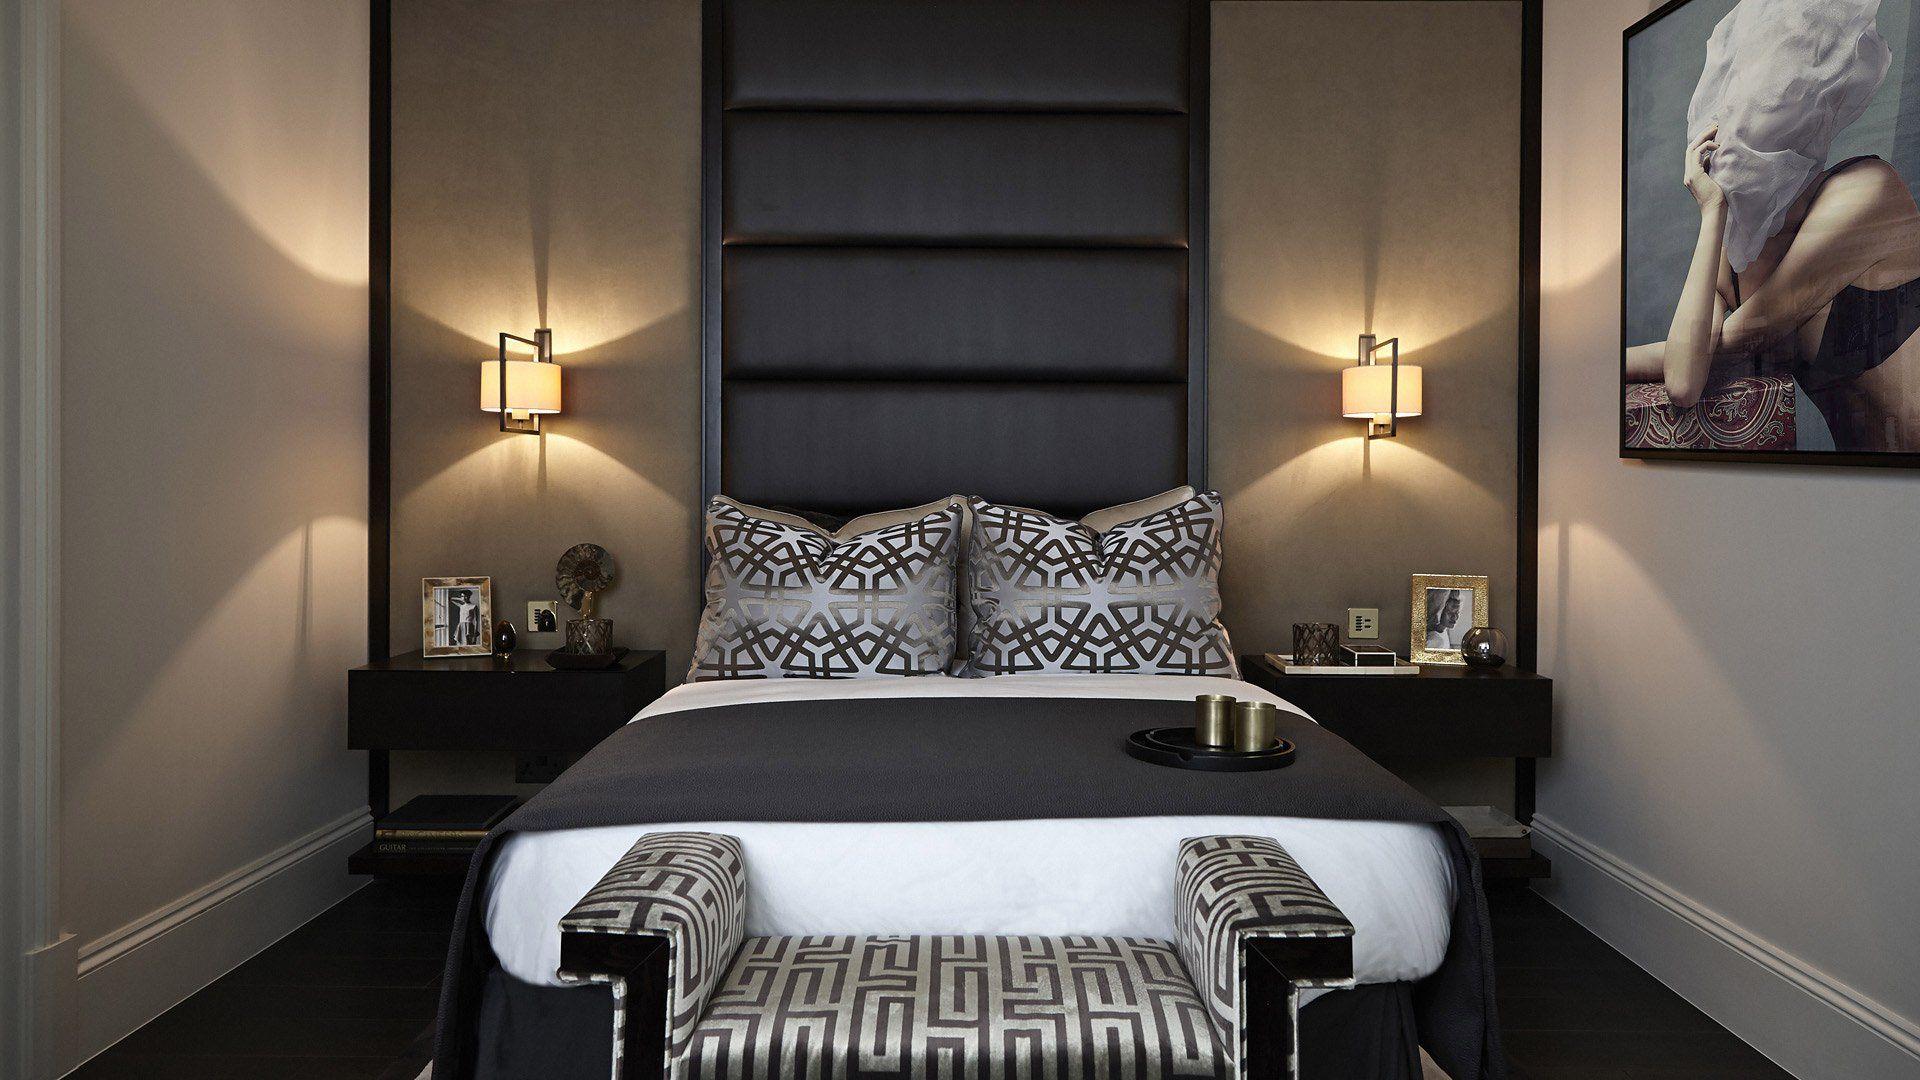 Superieur Soft Lit High End Bedroom Interior Design Knightsbridge